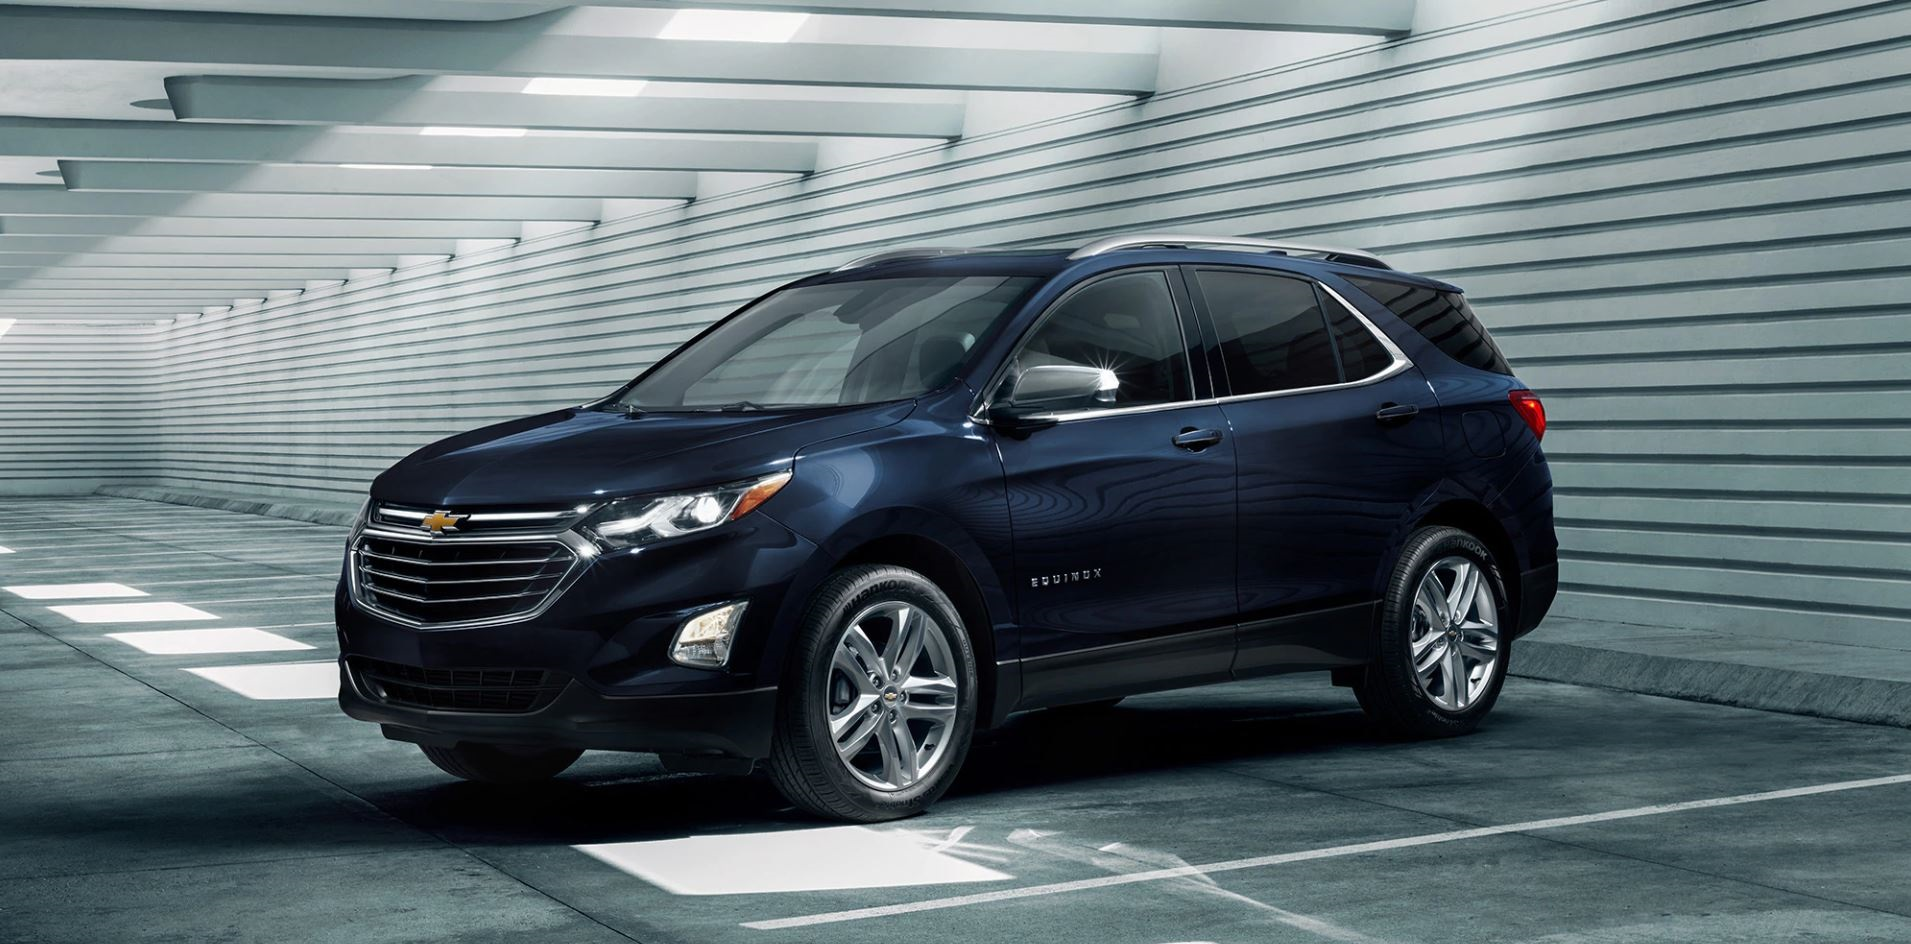 2020 Chevrolet Equinox for Sale near Naperville, IL